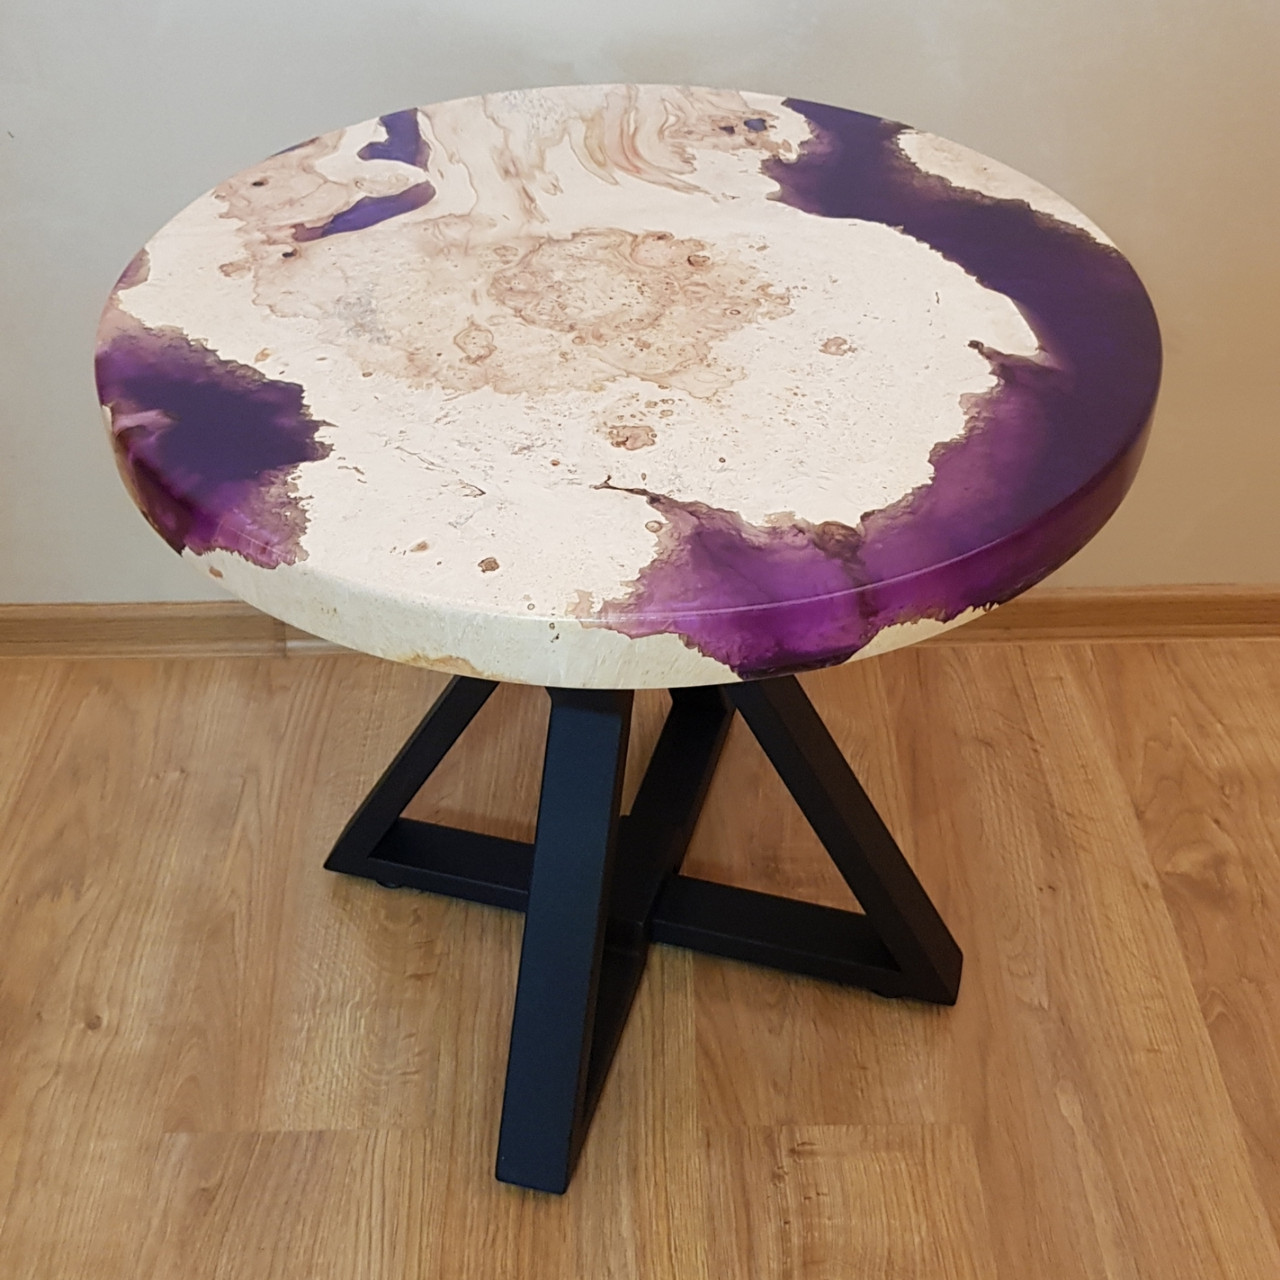 Журнальный круглый стол с 3-D эффектом заливки и массива клёна.